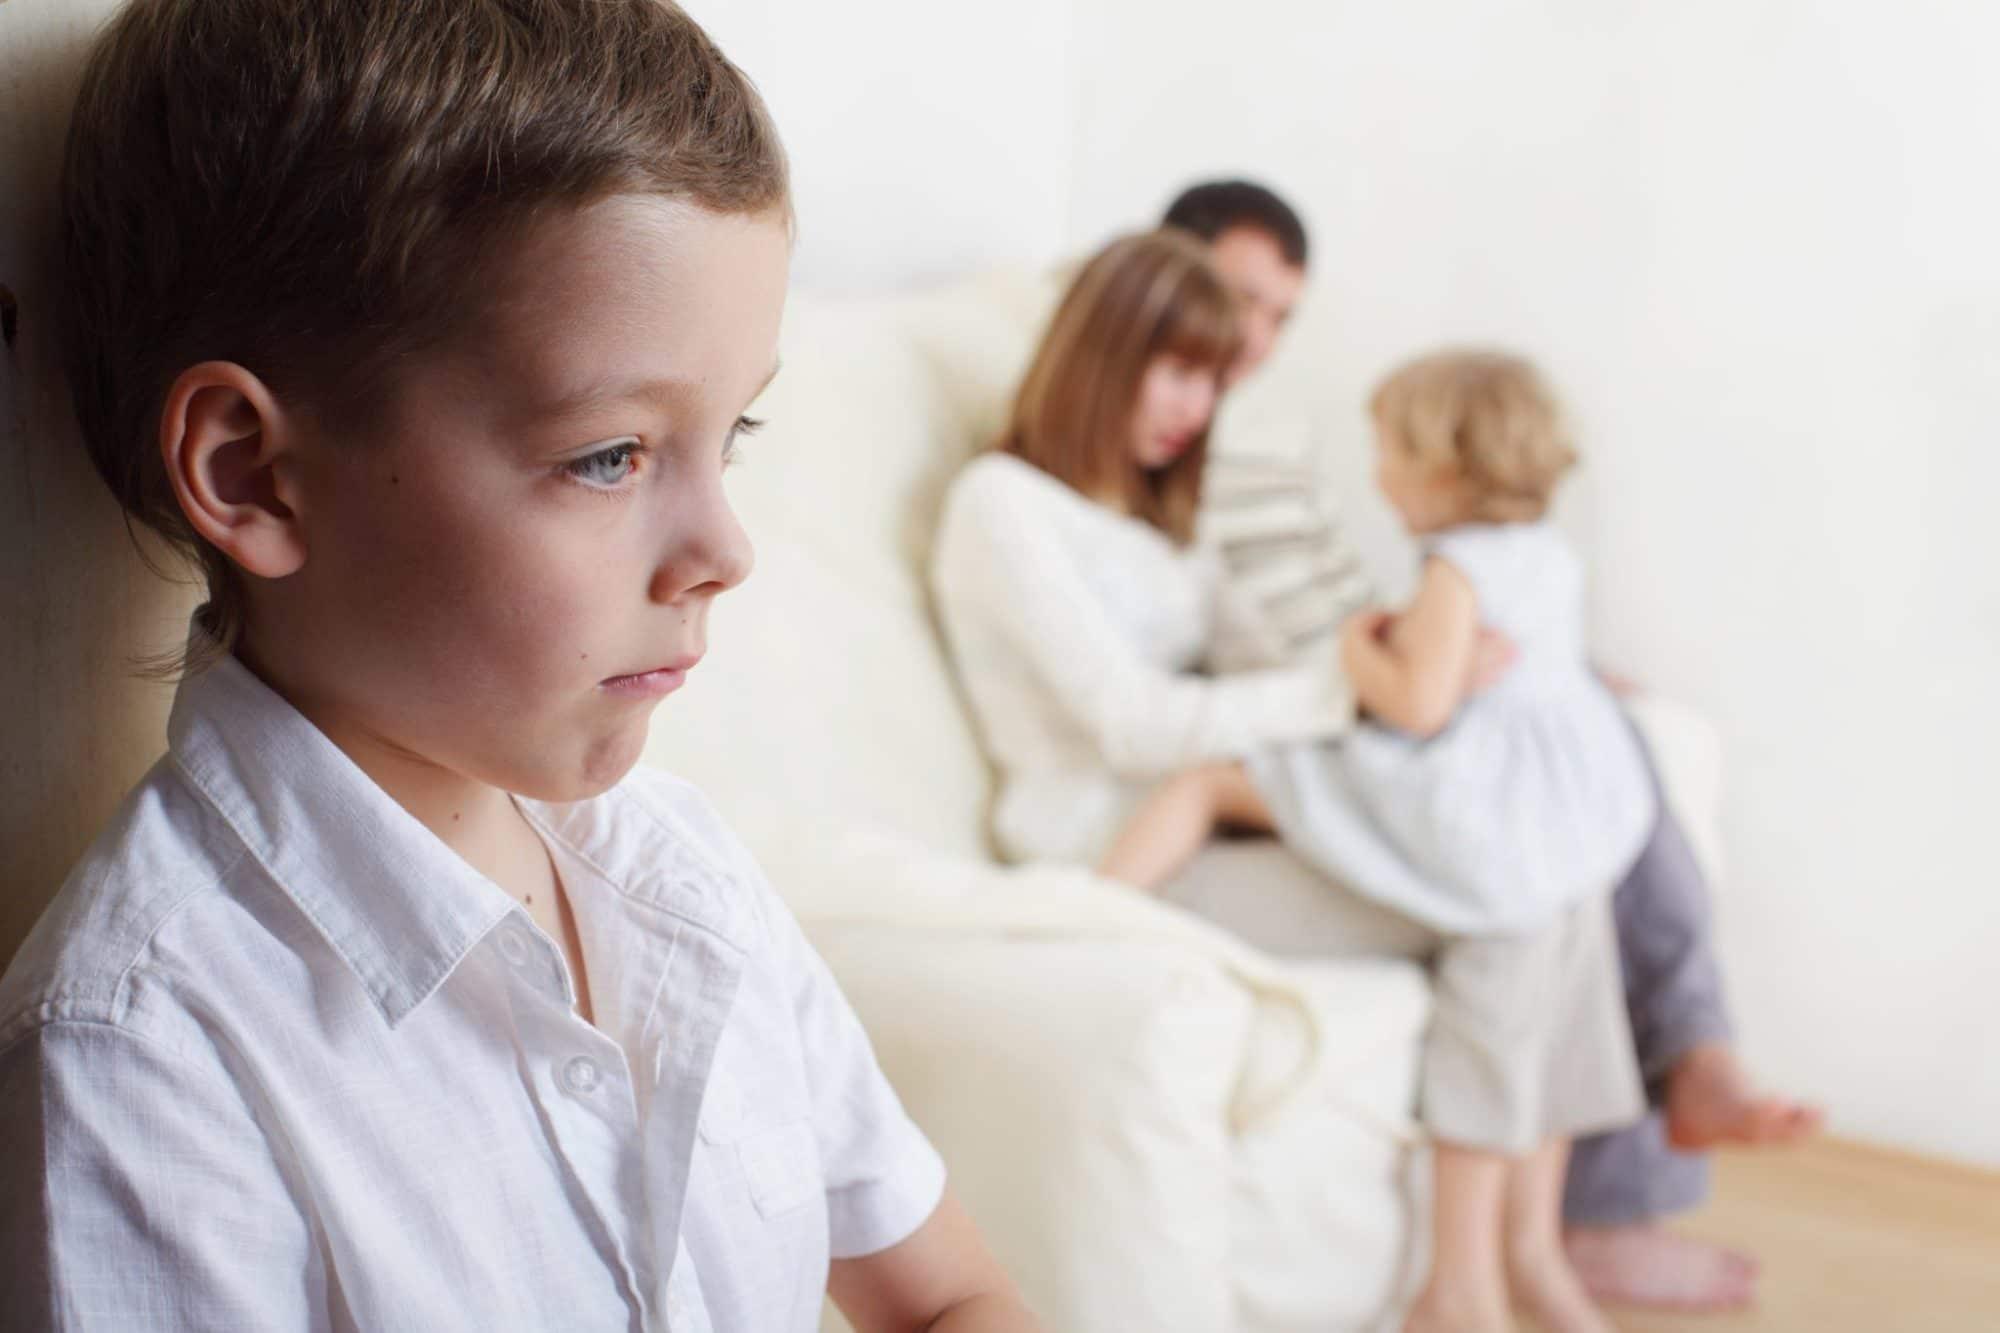 Gelosia tra fratelli: un indice di amore sano | Dipendiamo.blog